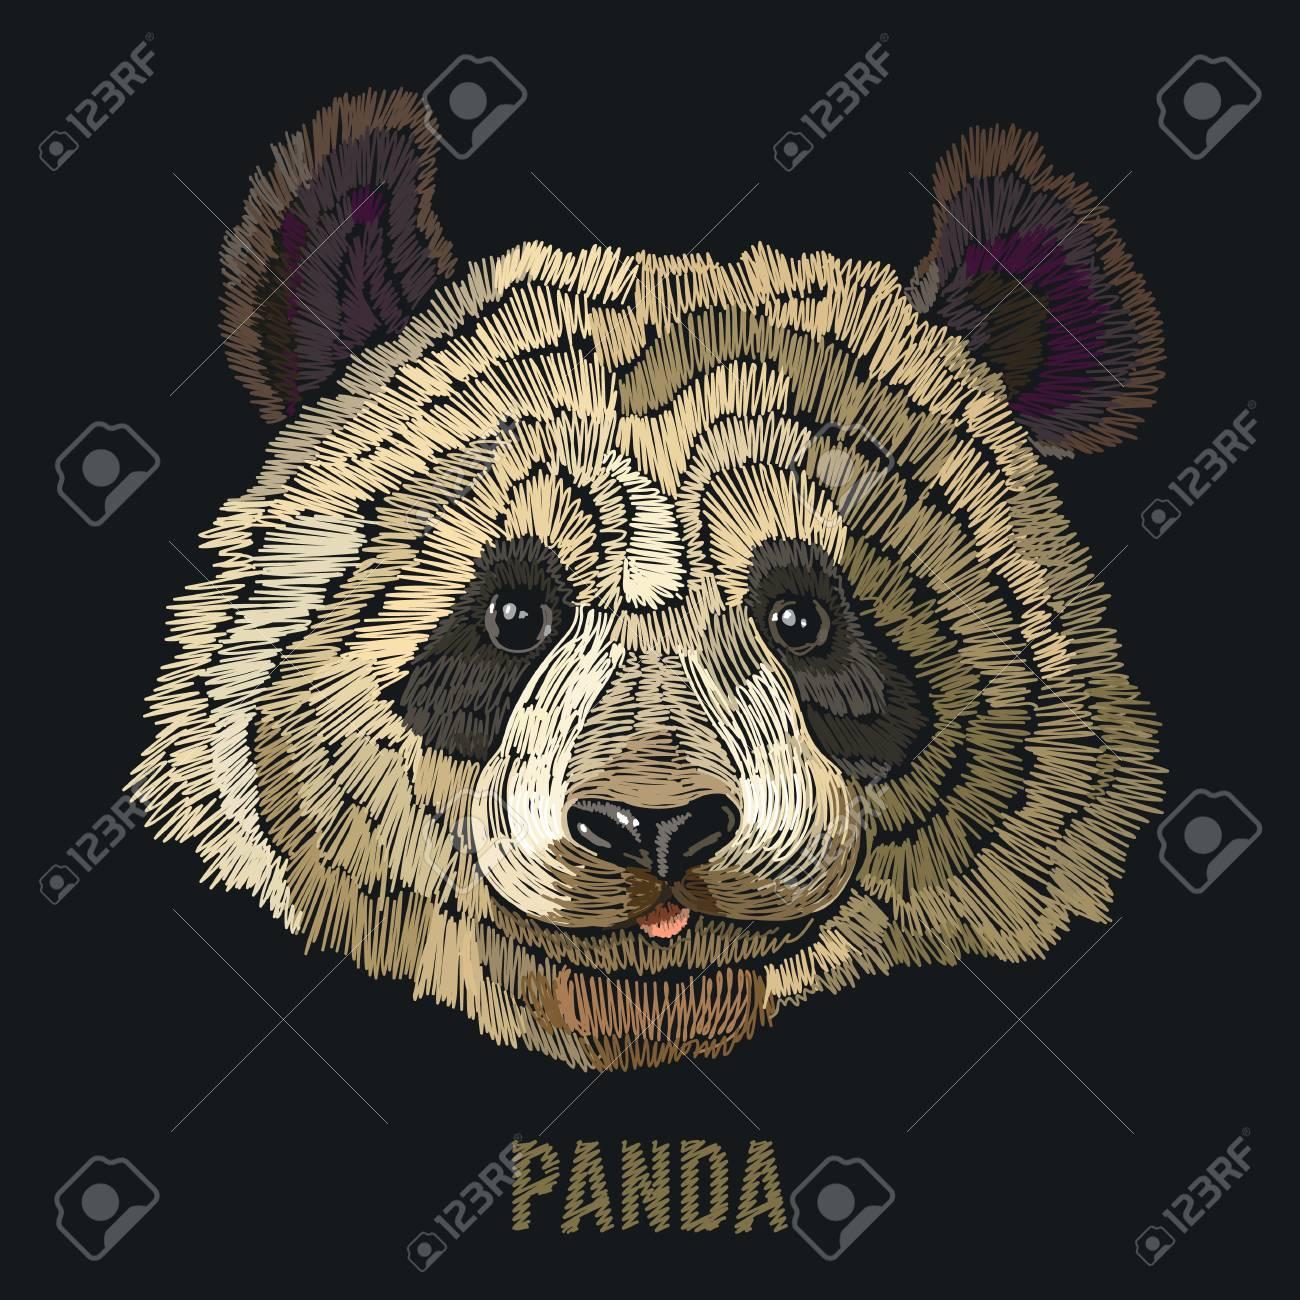 Bordado De Panda Plantilla De Moda Para Ropa, Textiles, Diseño De ...